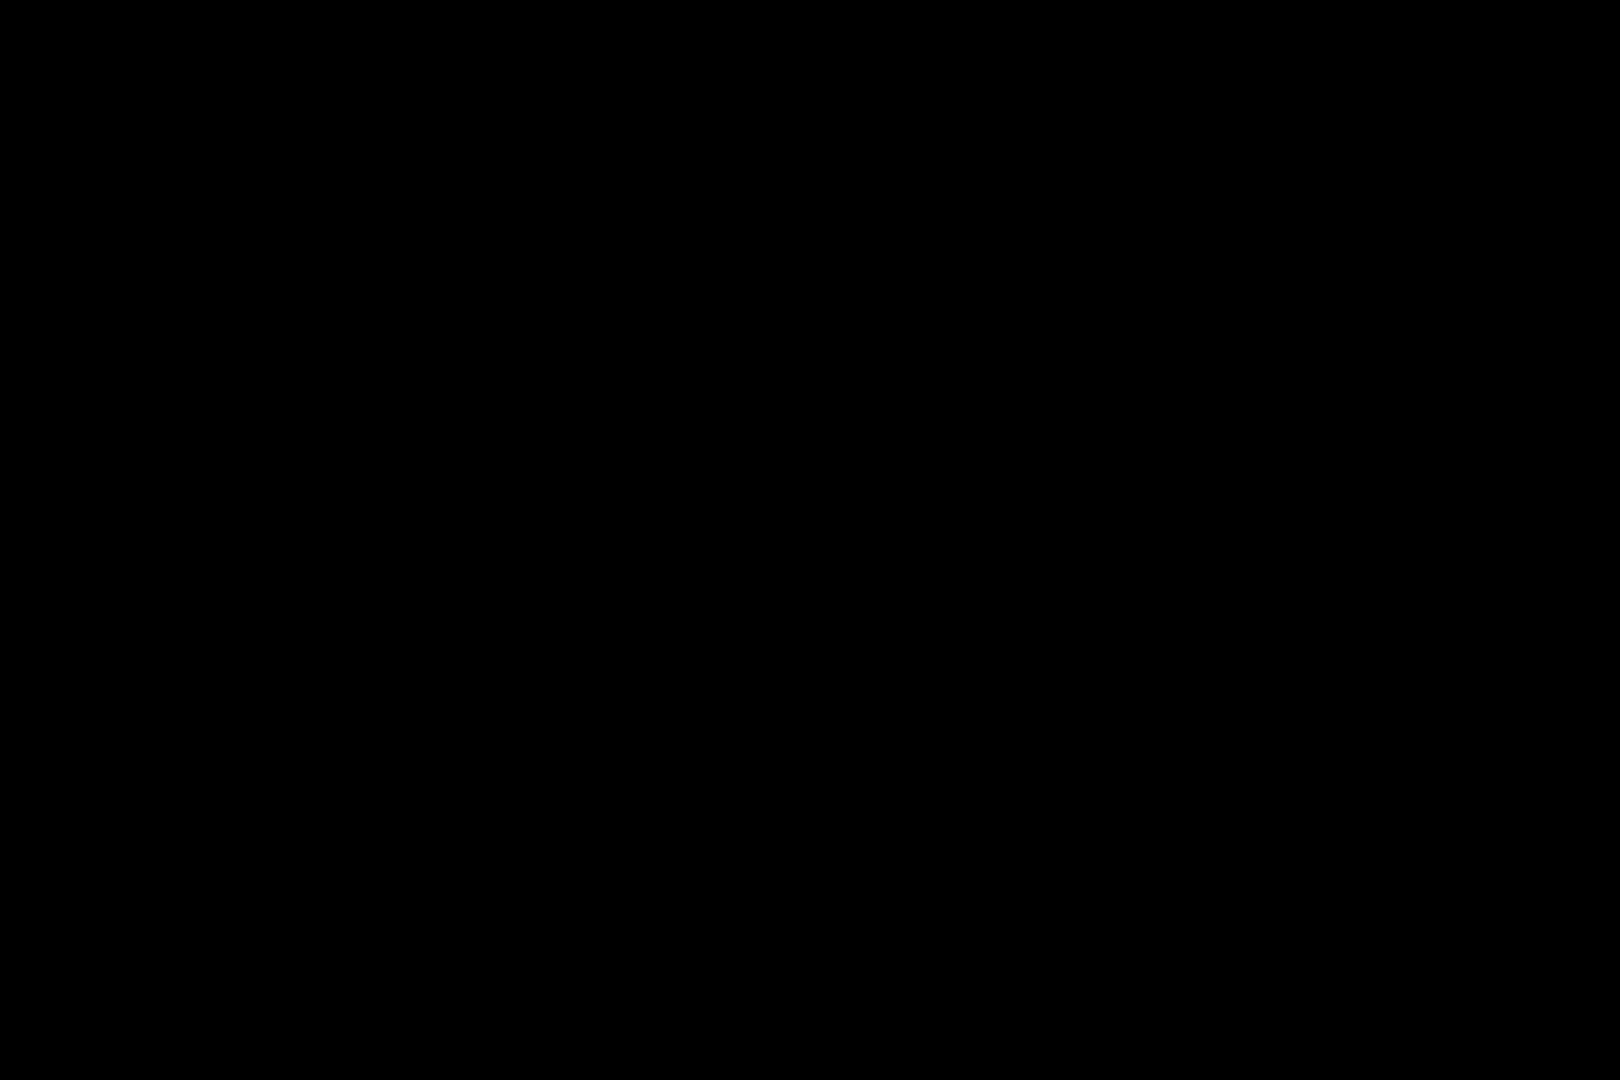 ノンケよしき君のイカされ日記…vol.02 ノンケ一筋 ゲイアダルト画像 49pic 10